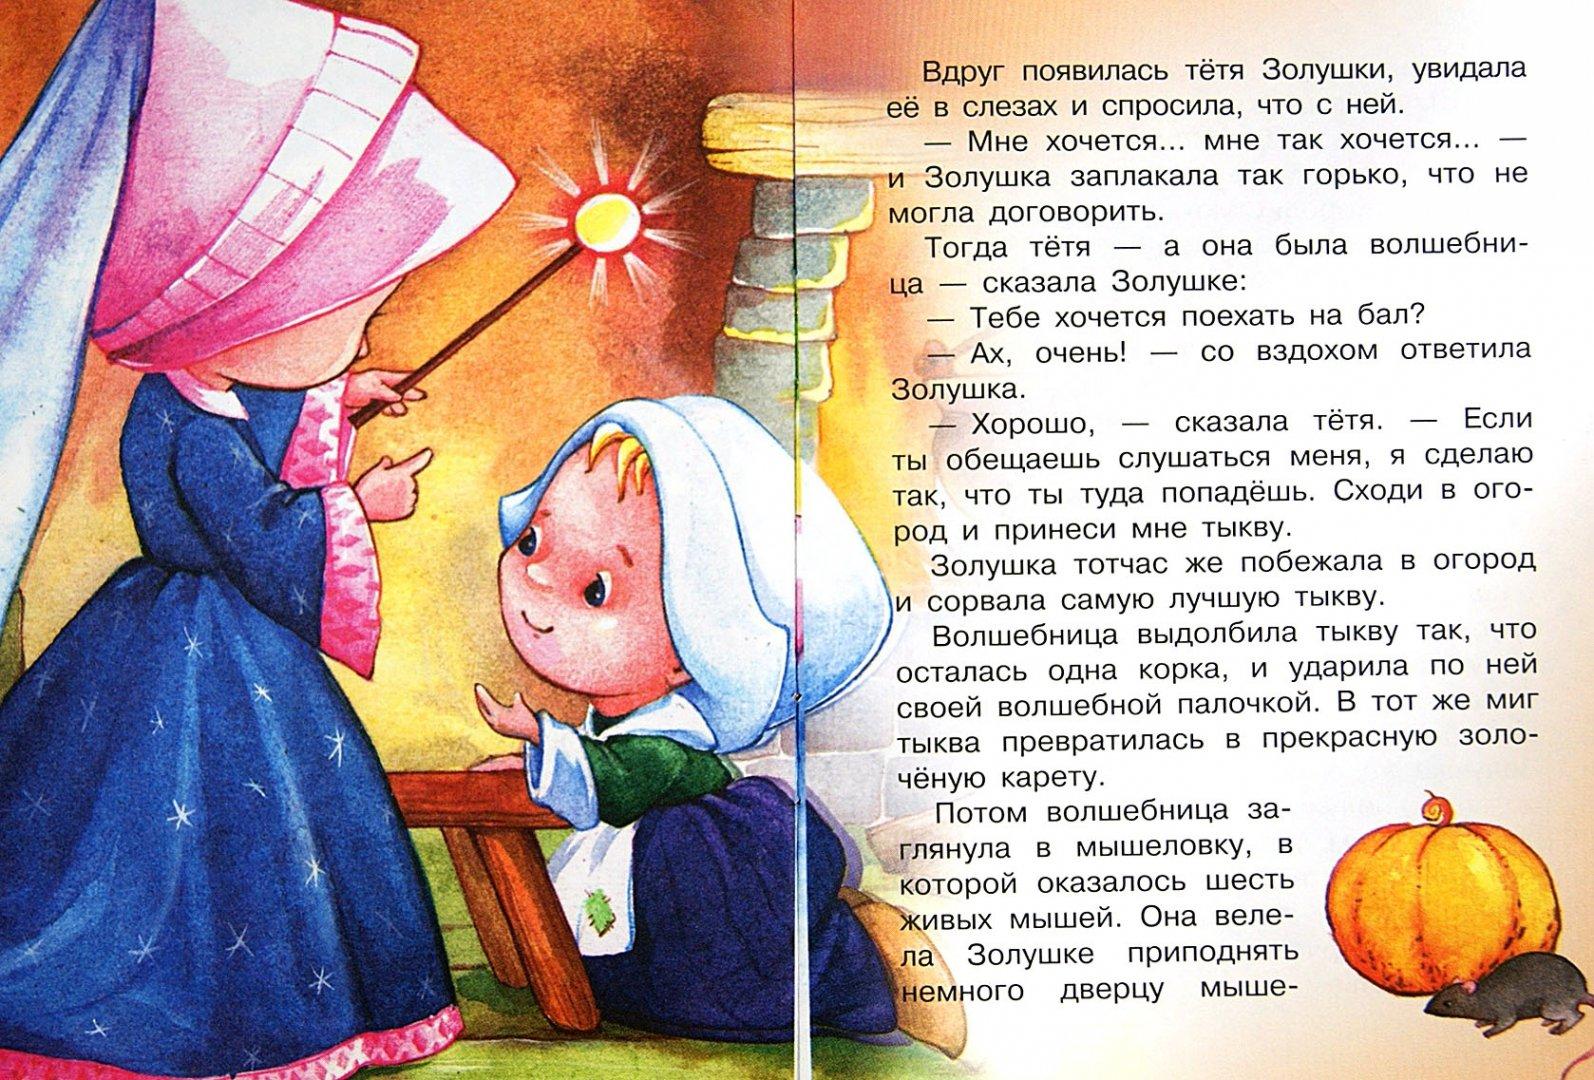 Иллюстрация 1 из 23 для Золушка - Шарль Перро | Лабиринт - книги. Источник: Лабиринт